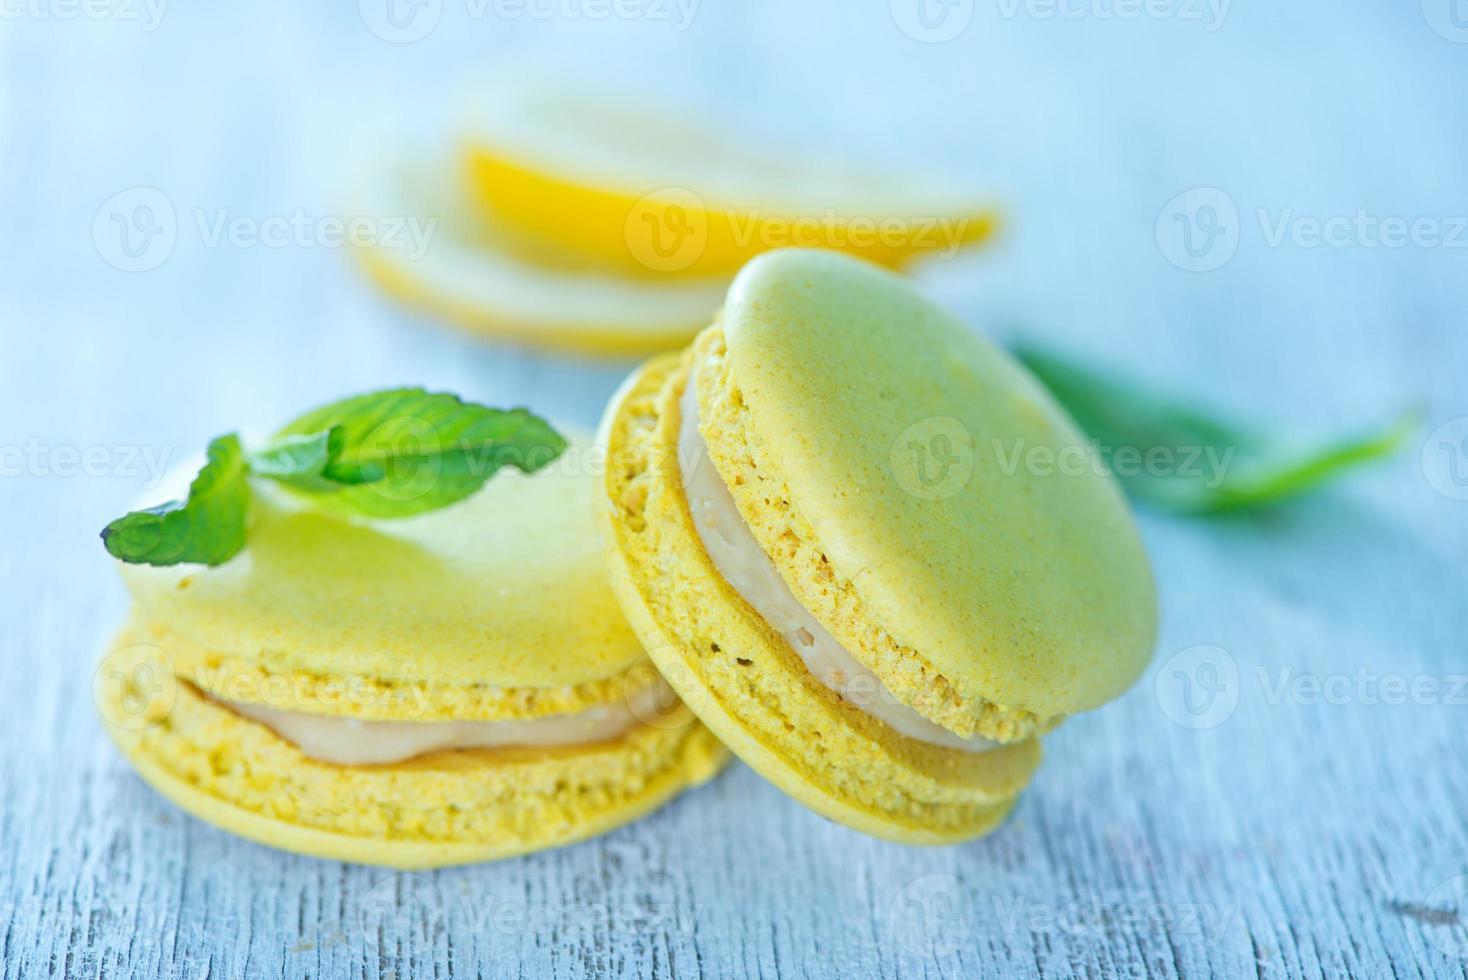 citroen bitterkoekjes foto